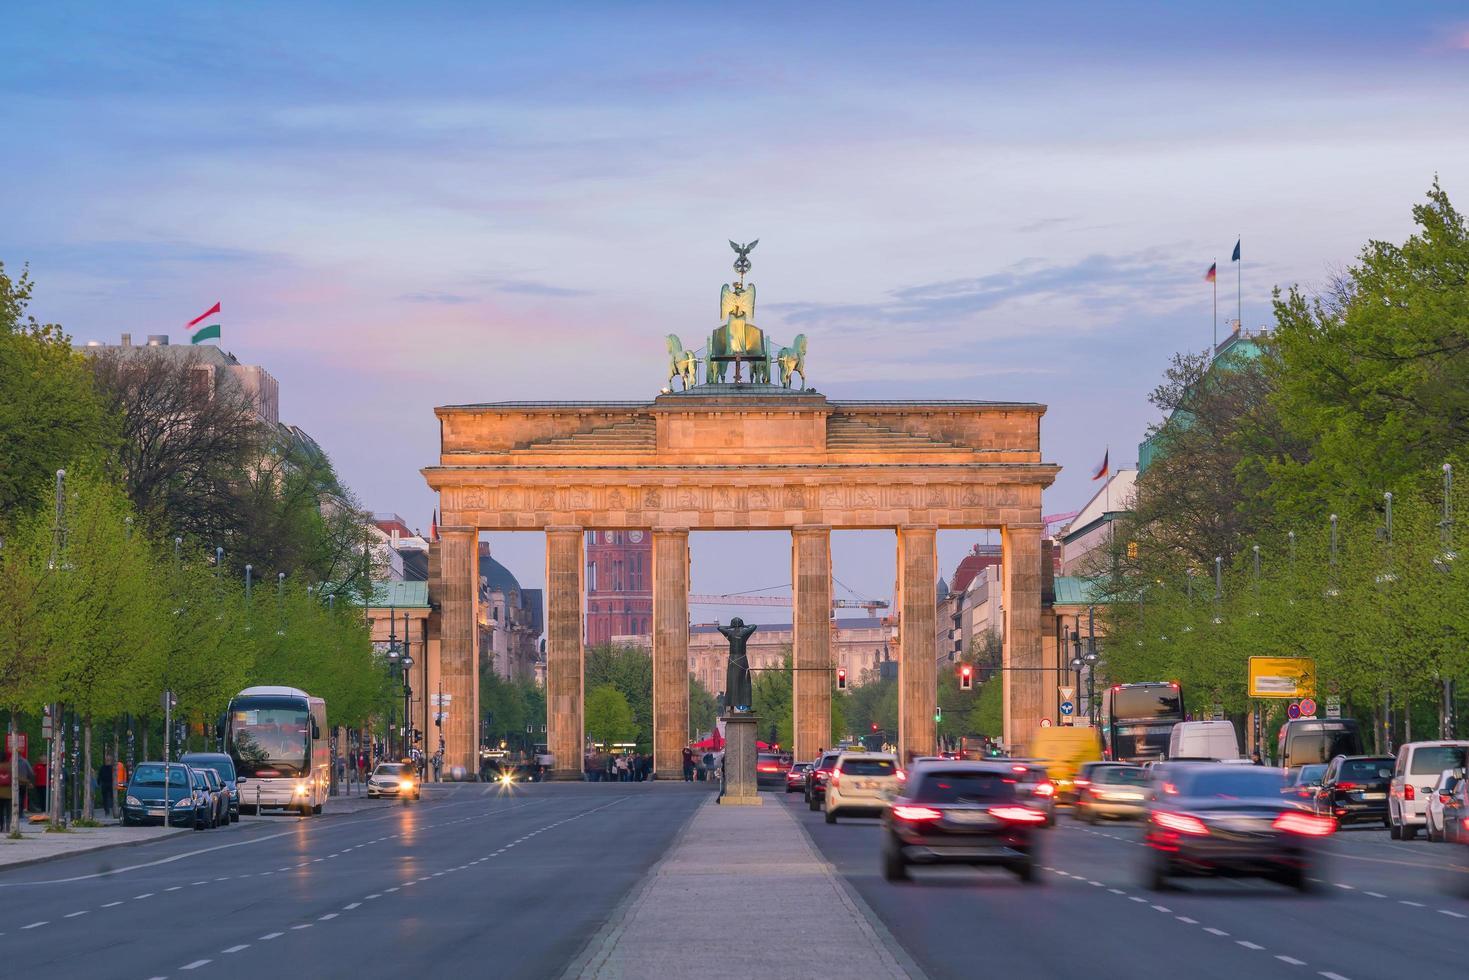 la porta di brandeburgo a berlino foto